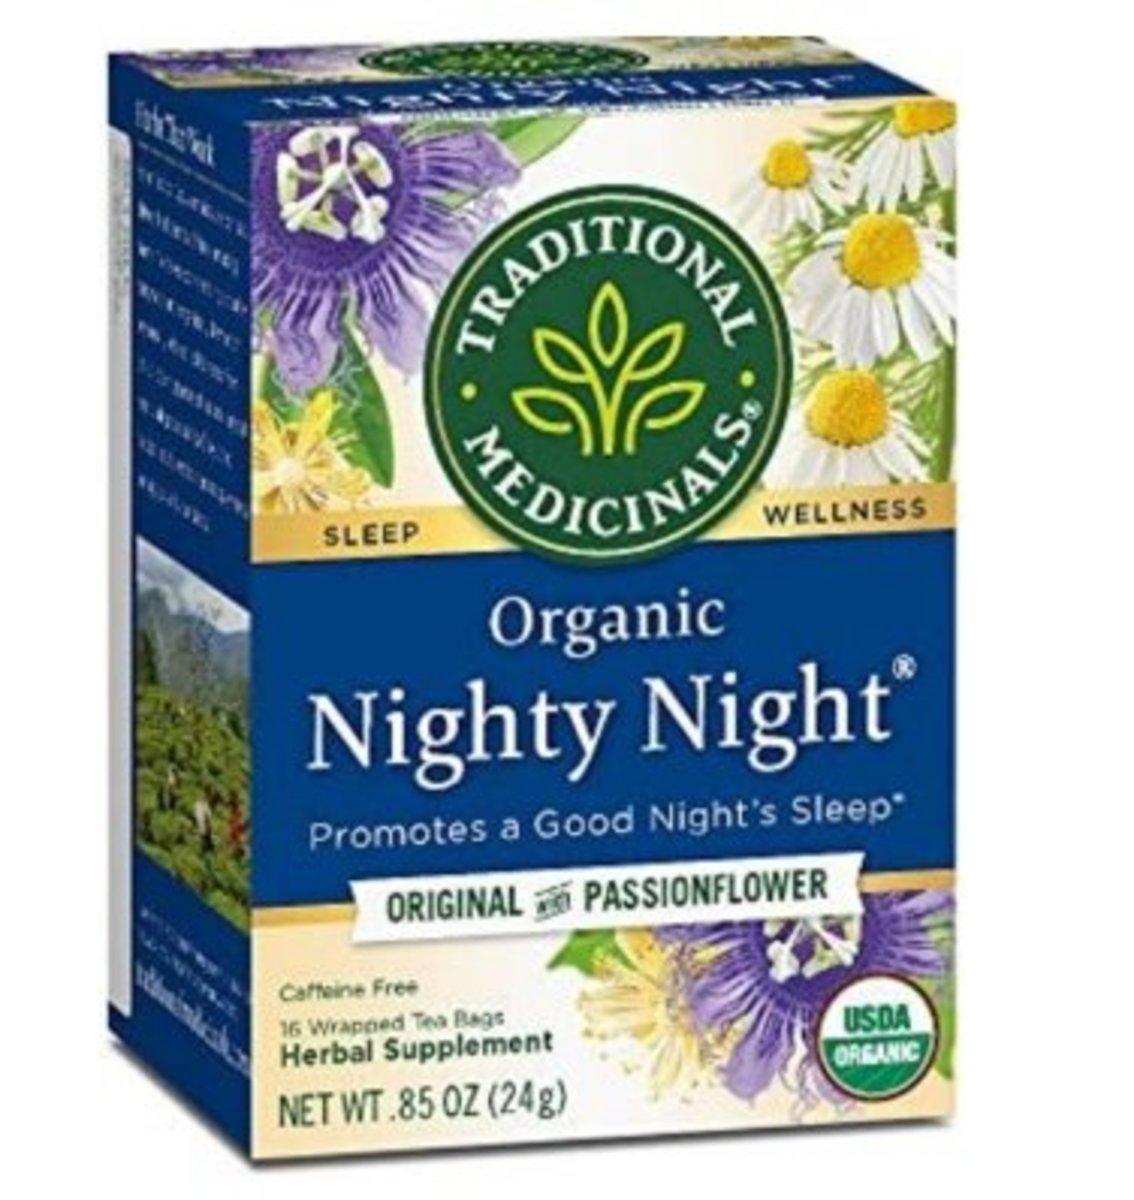 有機睡眠茶 (16包) (32g)--平行進口產品